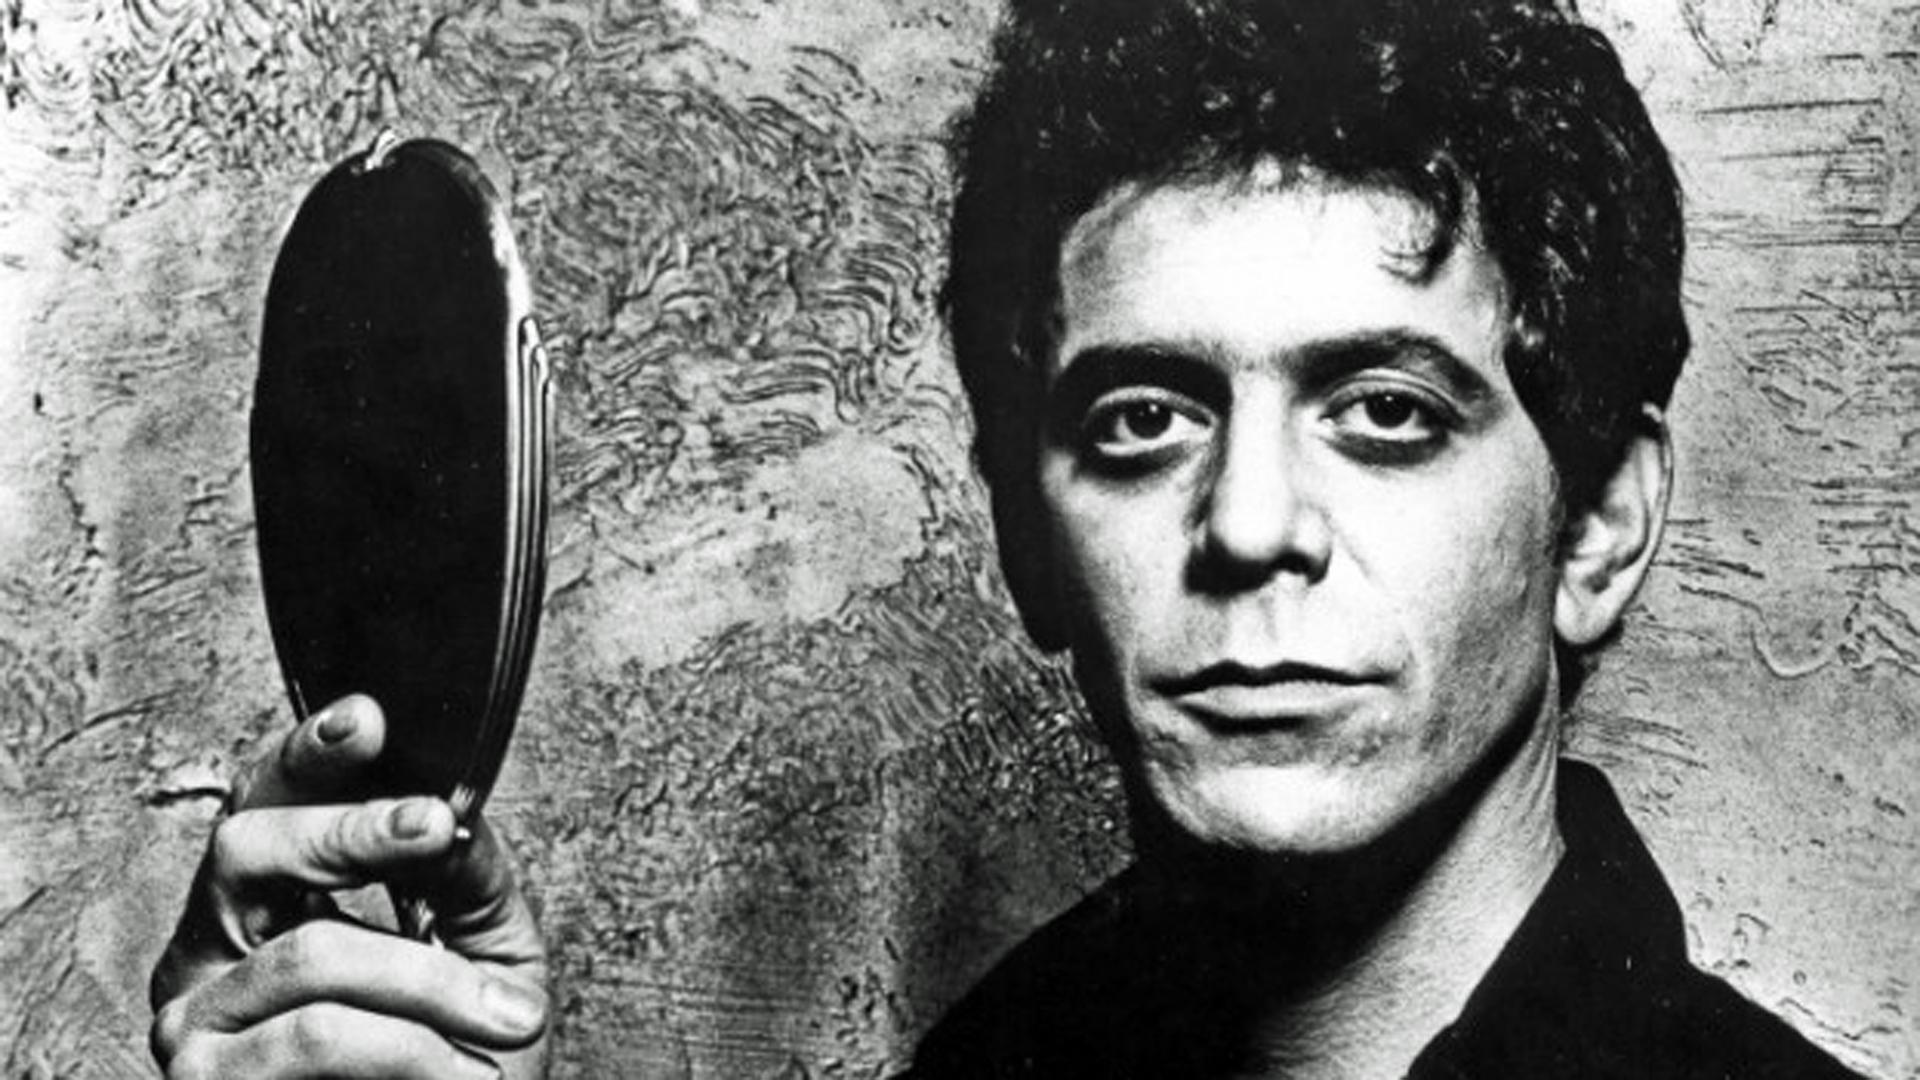 Lou Reed era um monstro, diz nova biografia